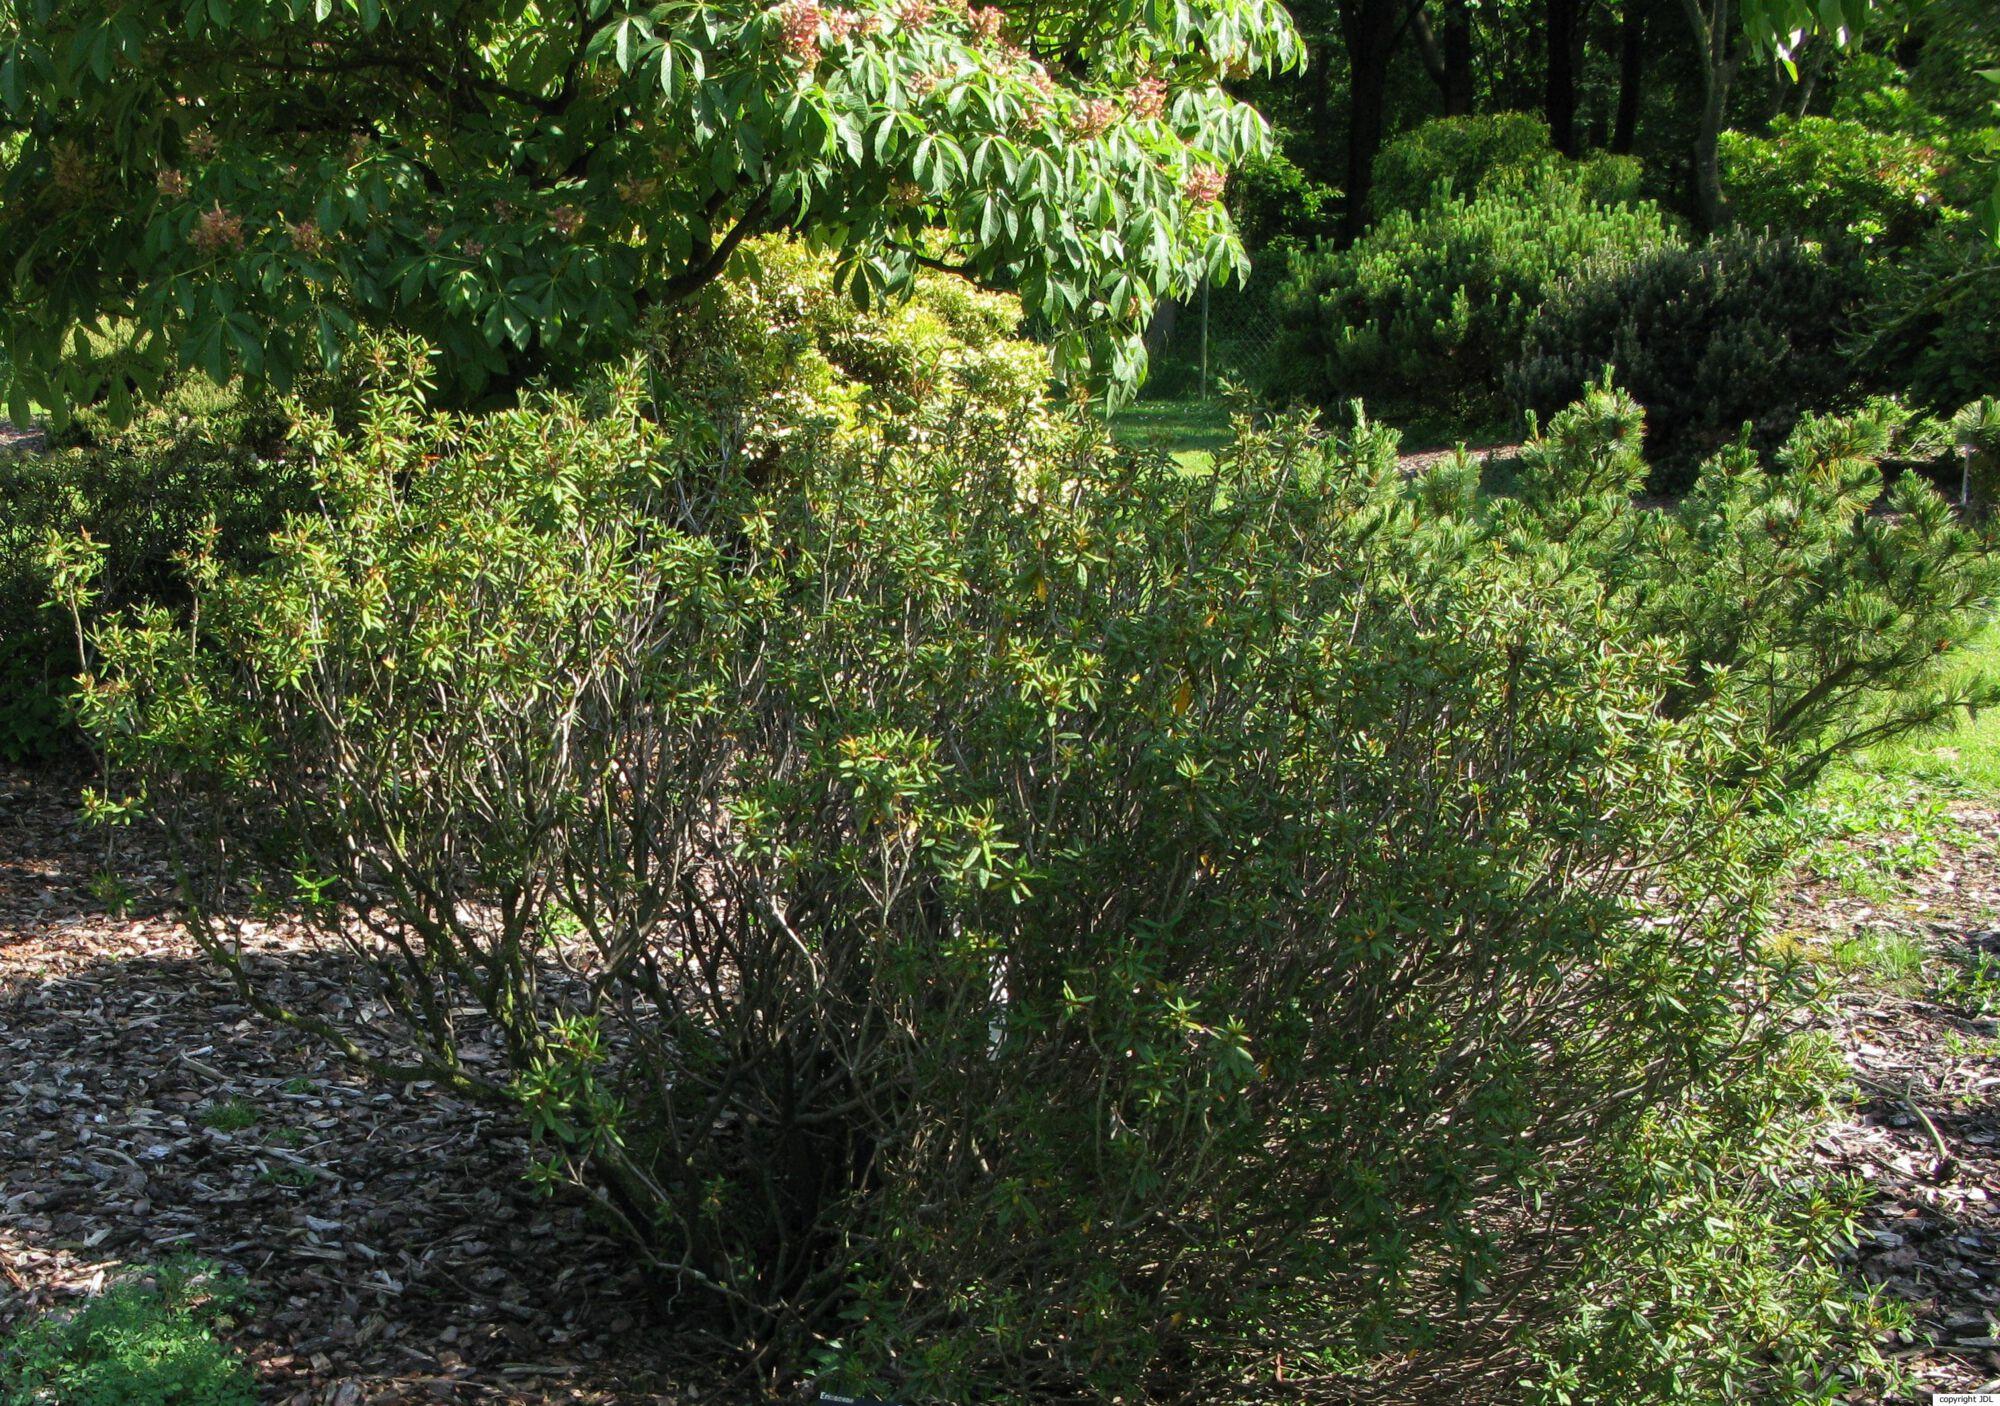 Rhododendron groenlandicum Kron & Judd